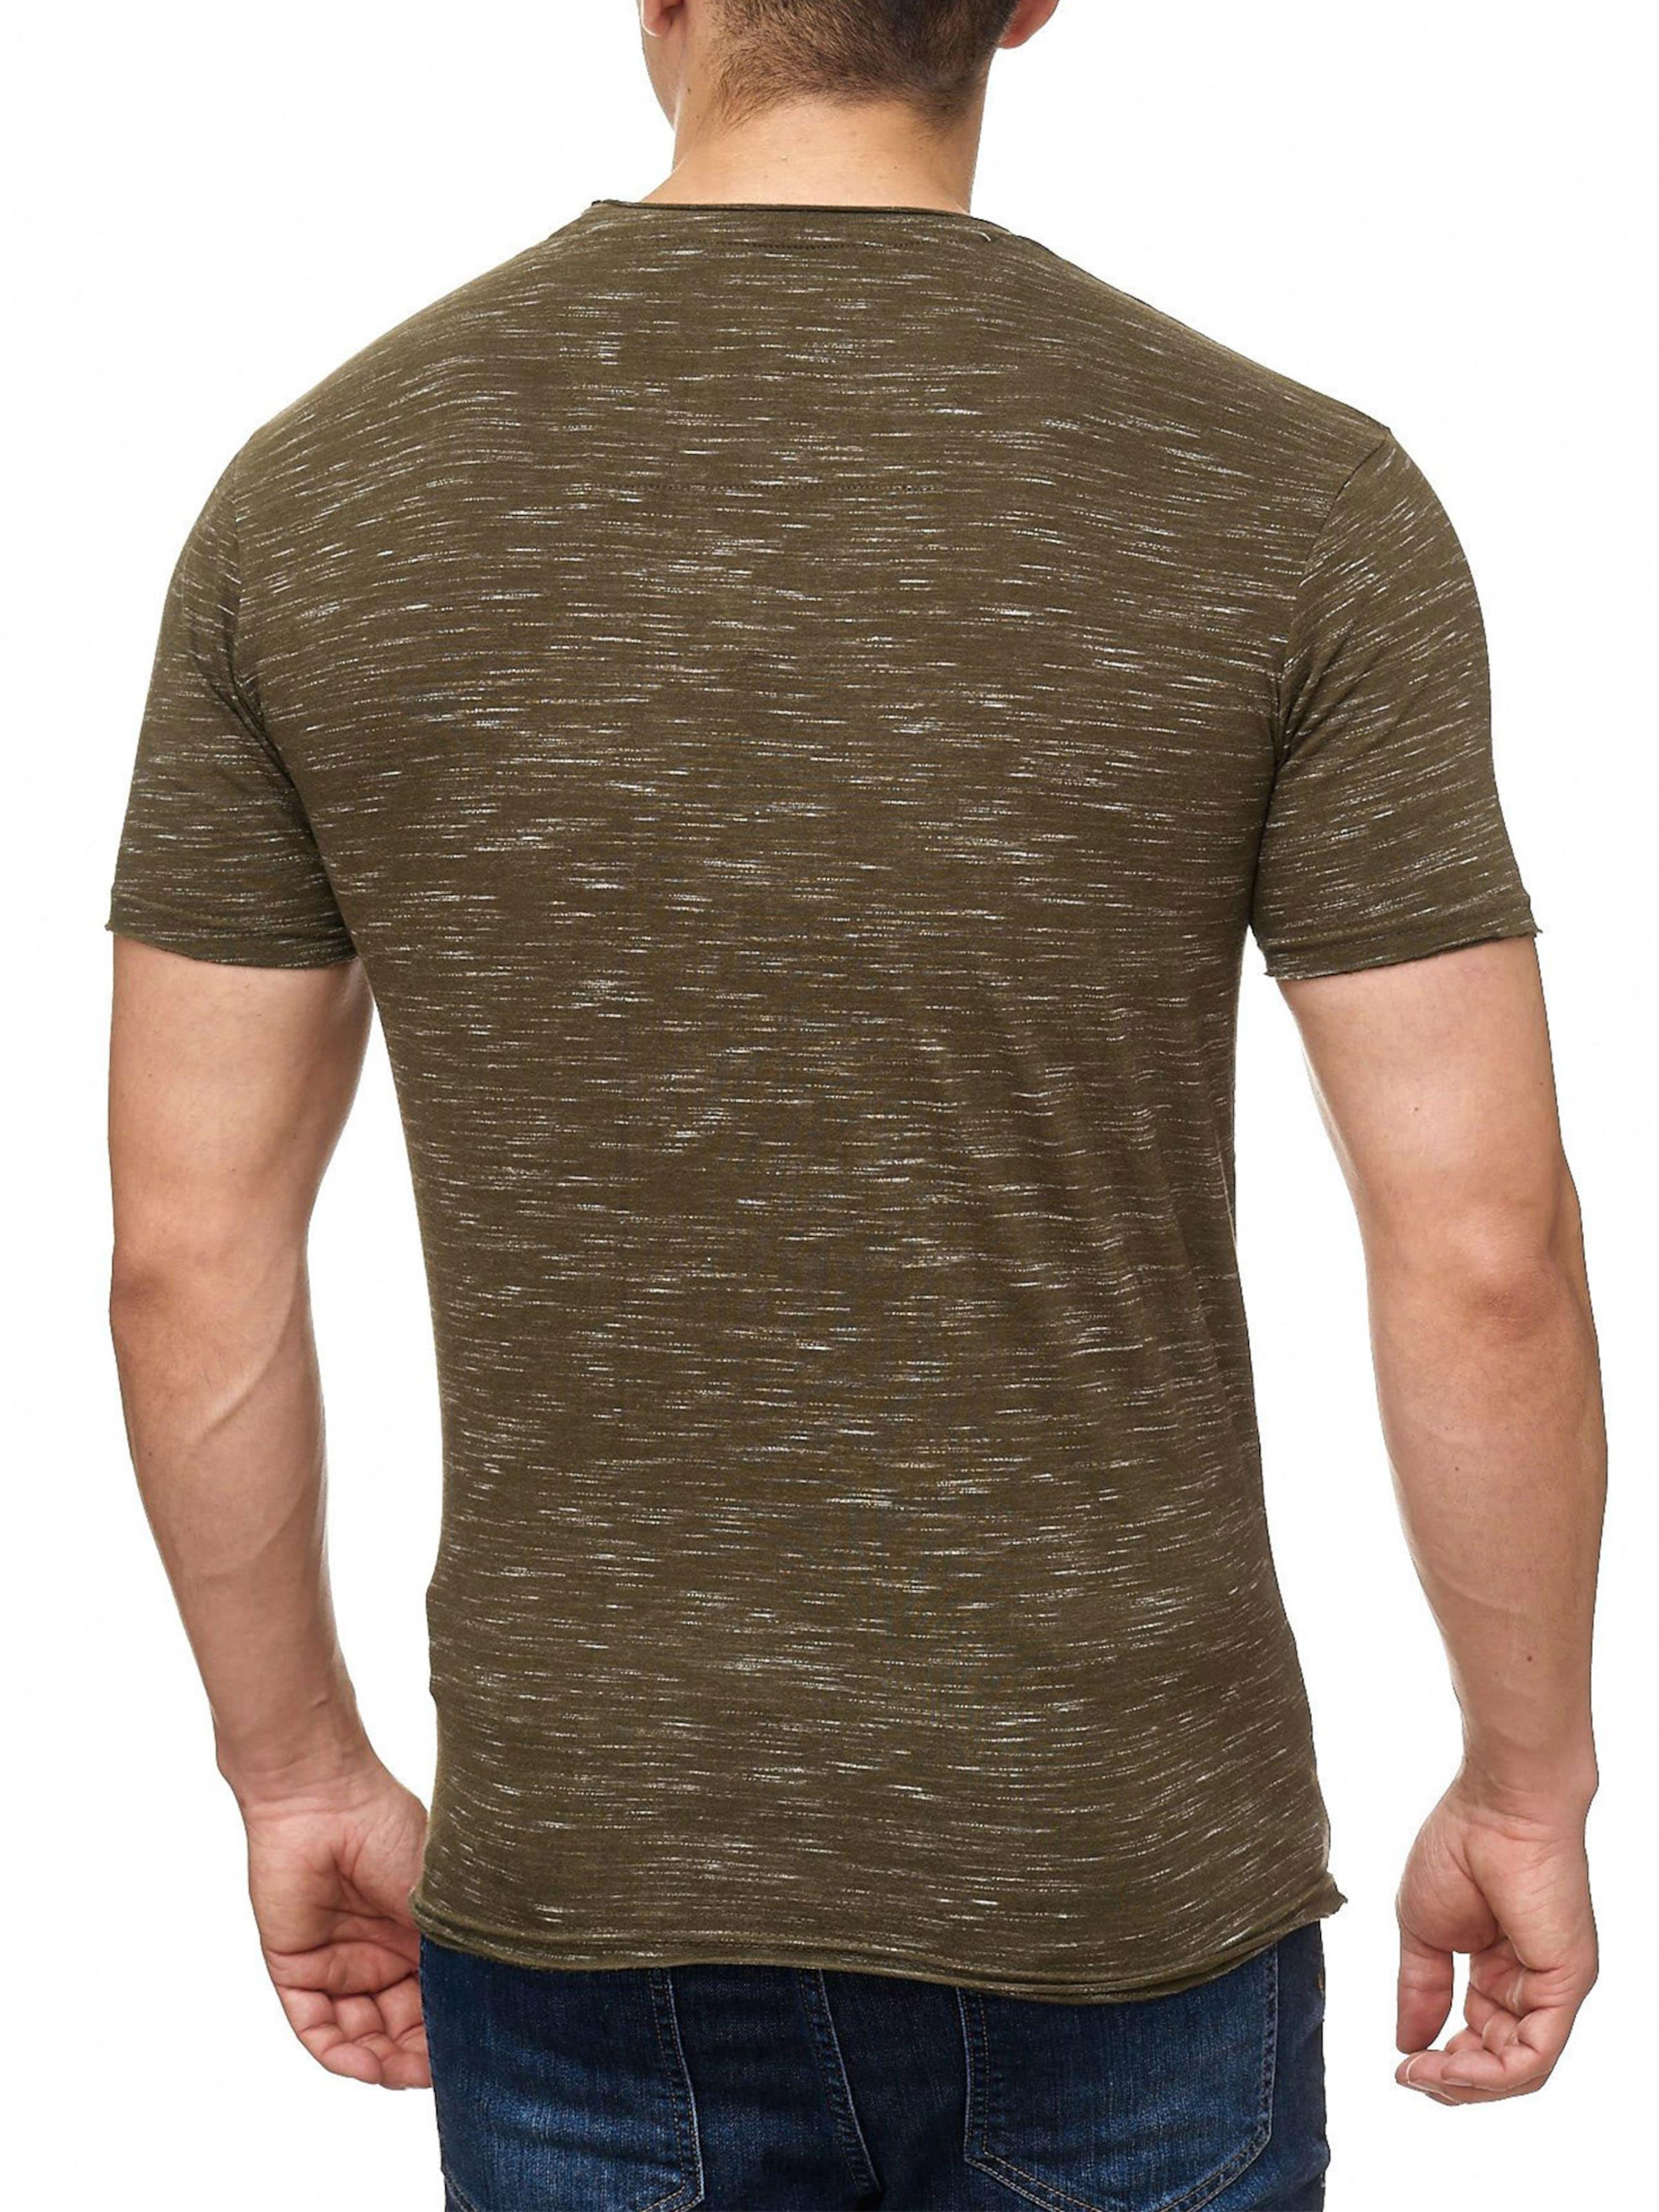 Indicode shirt Gris En ' Jeans T Tulsa XiOuTwlZkP